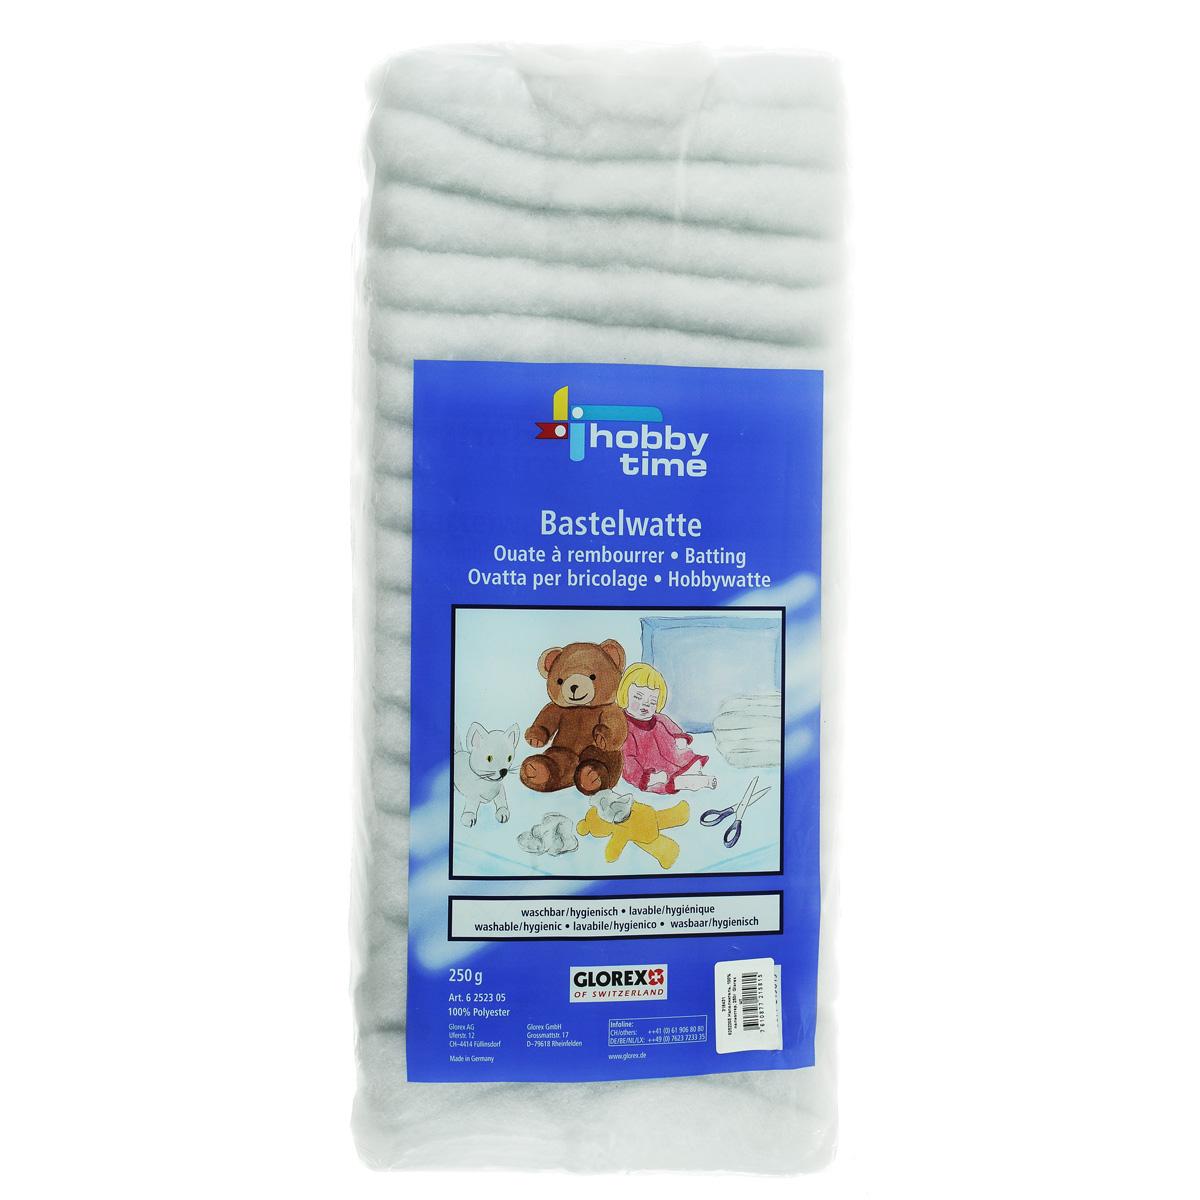 Наполнитель для набивки Glorex, 250 г318431Наполнитель Glorex выполнен из 100% полиэстера и используется для набивки подушек, одеял и игрушек. Это нетканое синтетическое полотно, состоящее из волокон и имеющее объемную структуру. Наполнитель имеет равномерную толщину на всей протяженности полотна и дает хорошую и равномерную усадку при обработке утюгом.